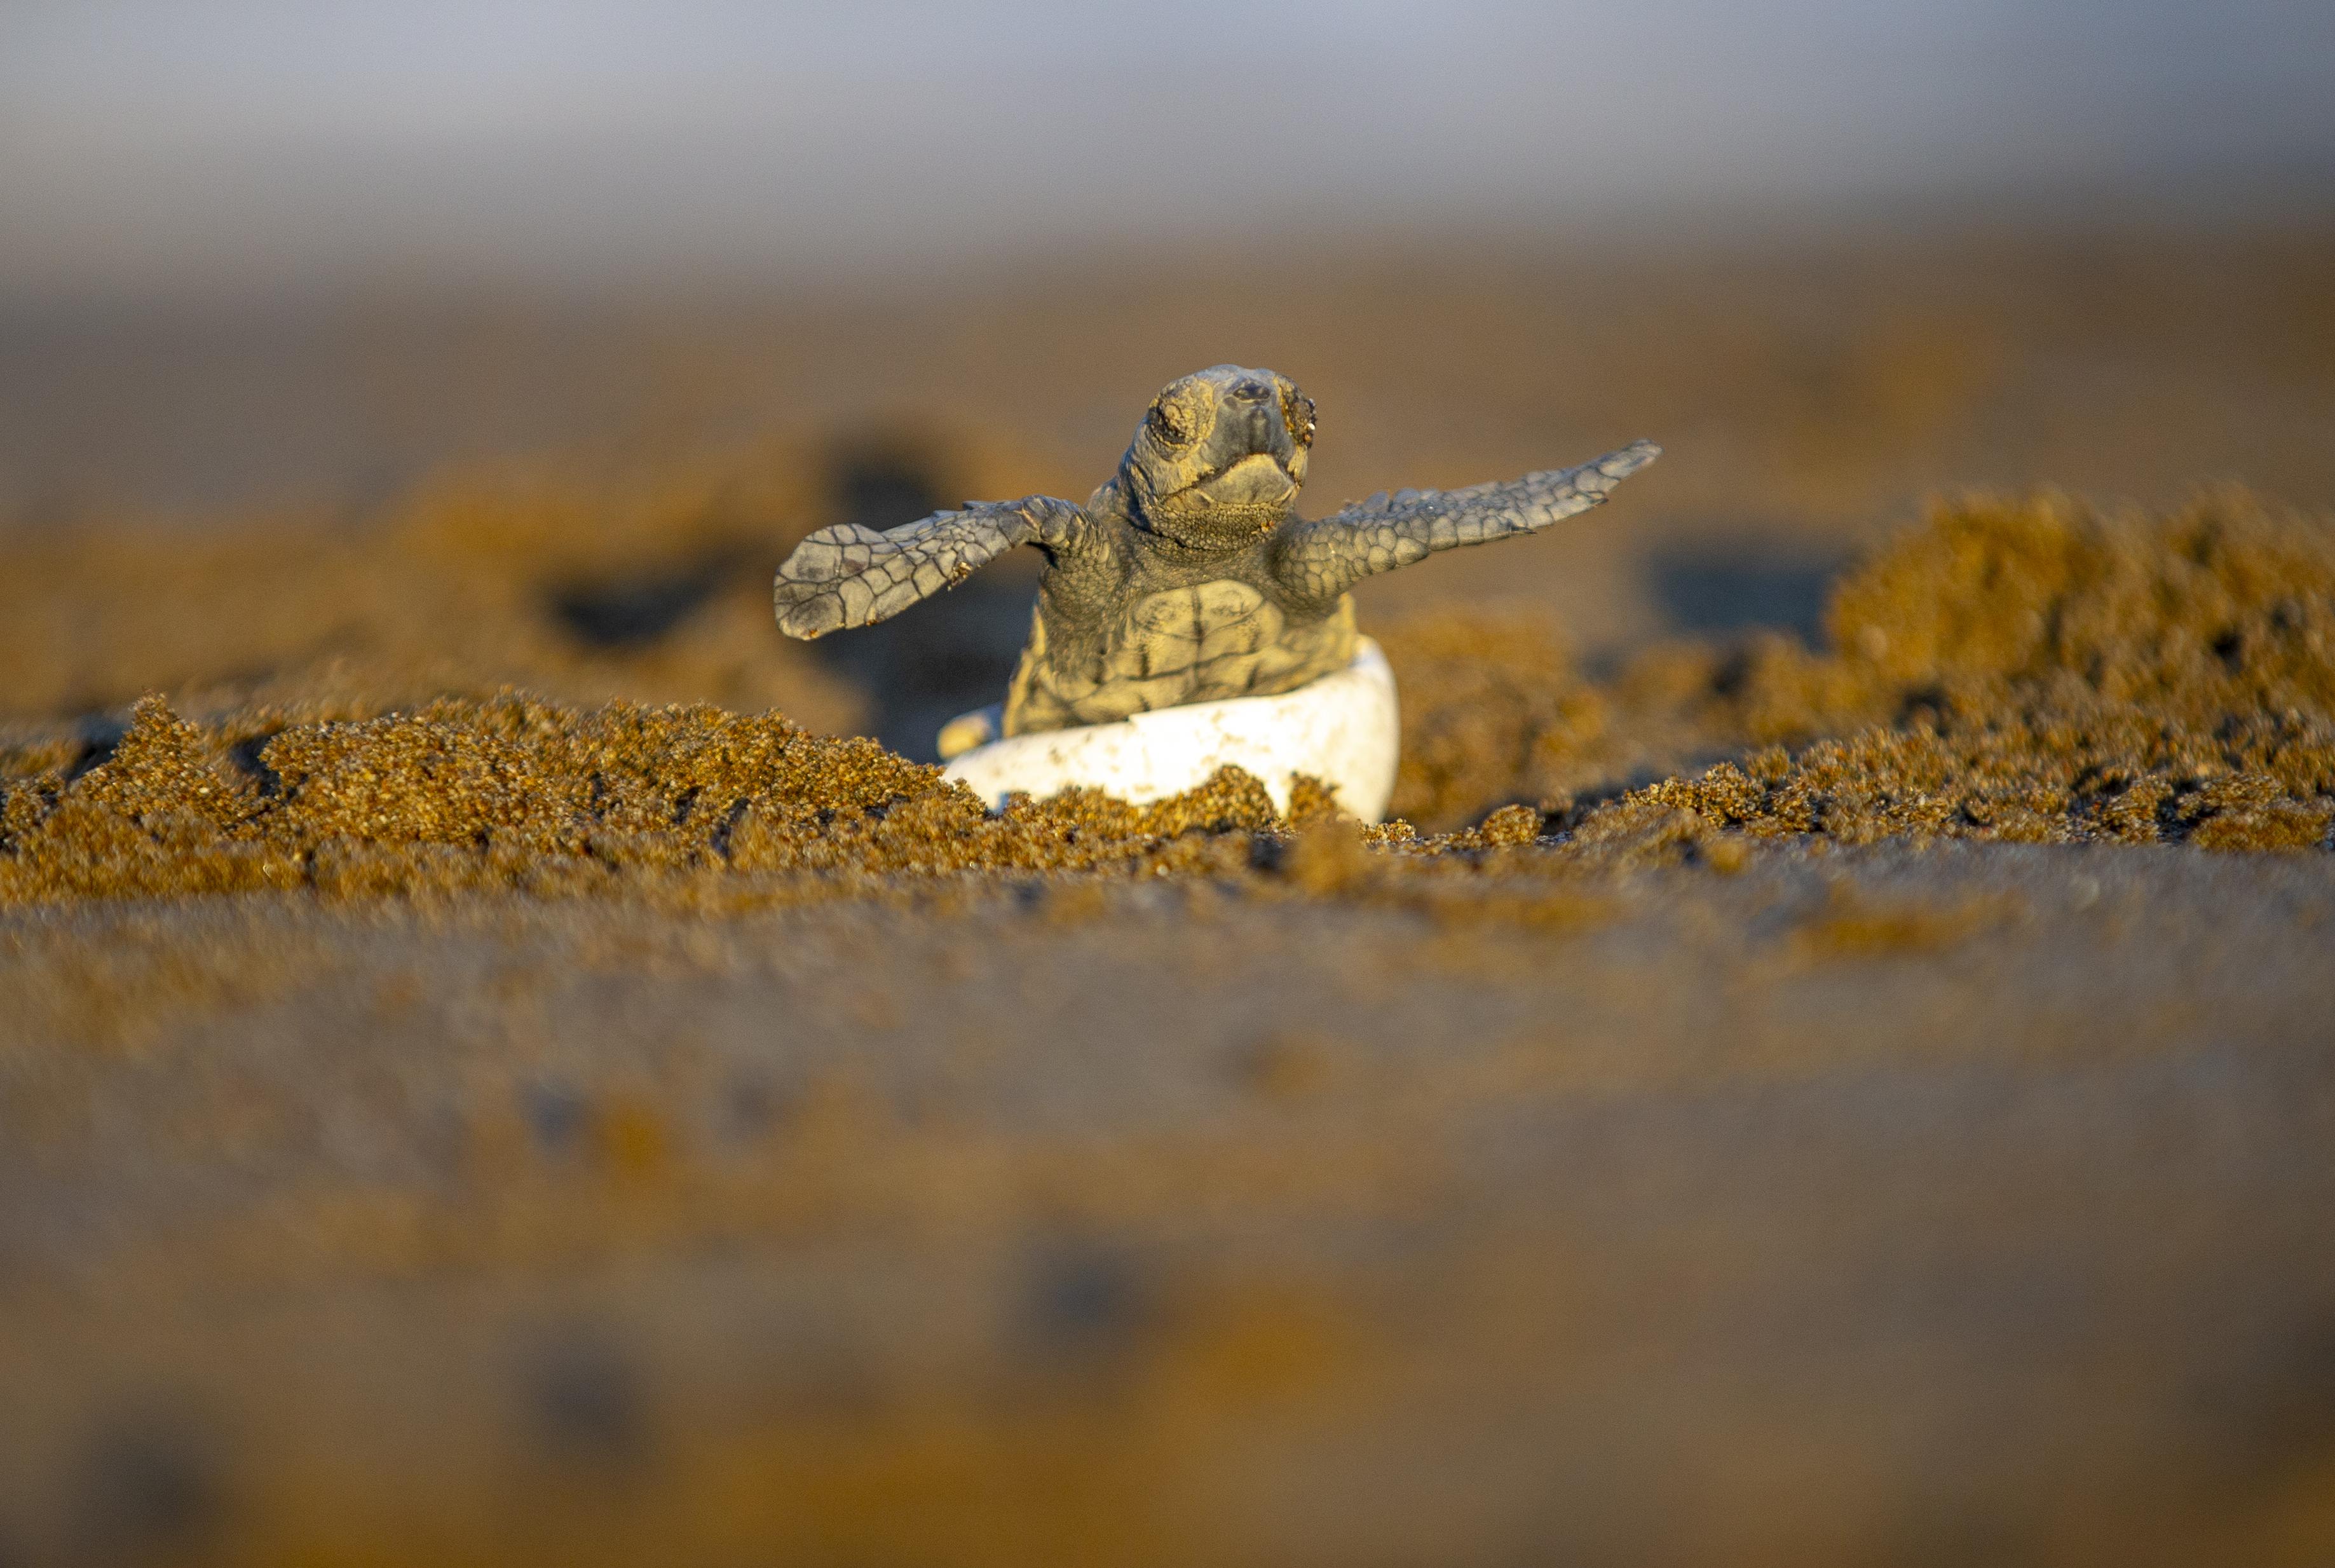 Ezért tudnak visszatalálni a tengeri teknősök a kikelési helyükre